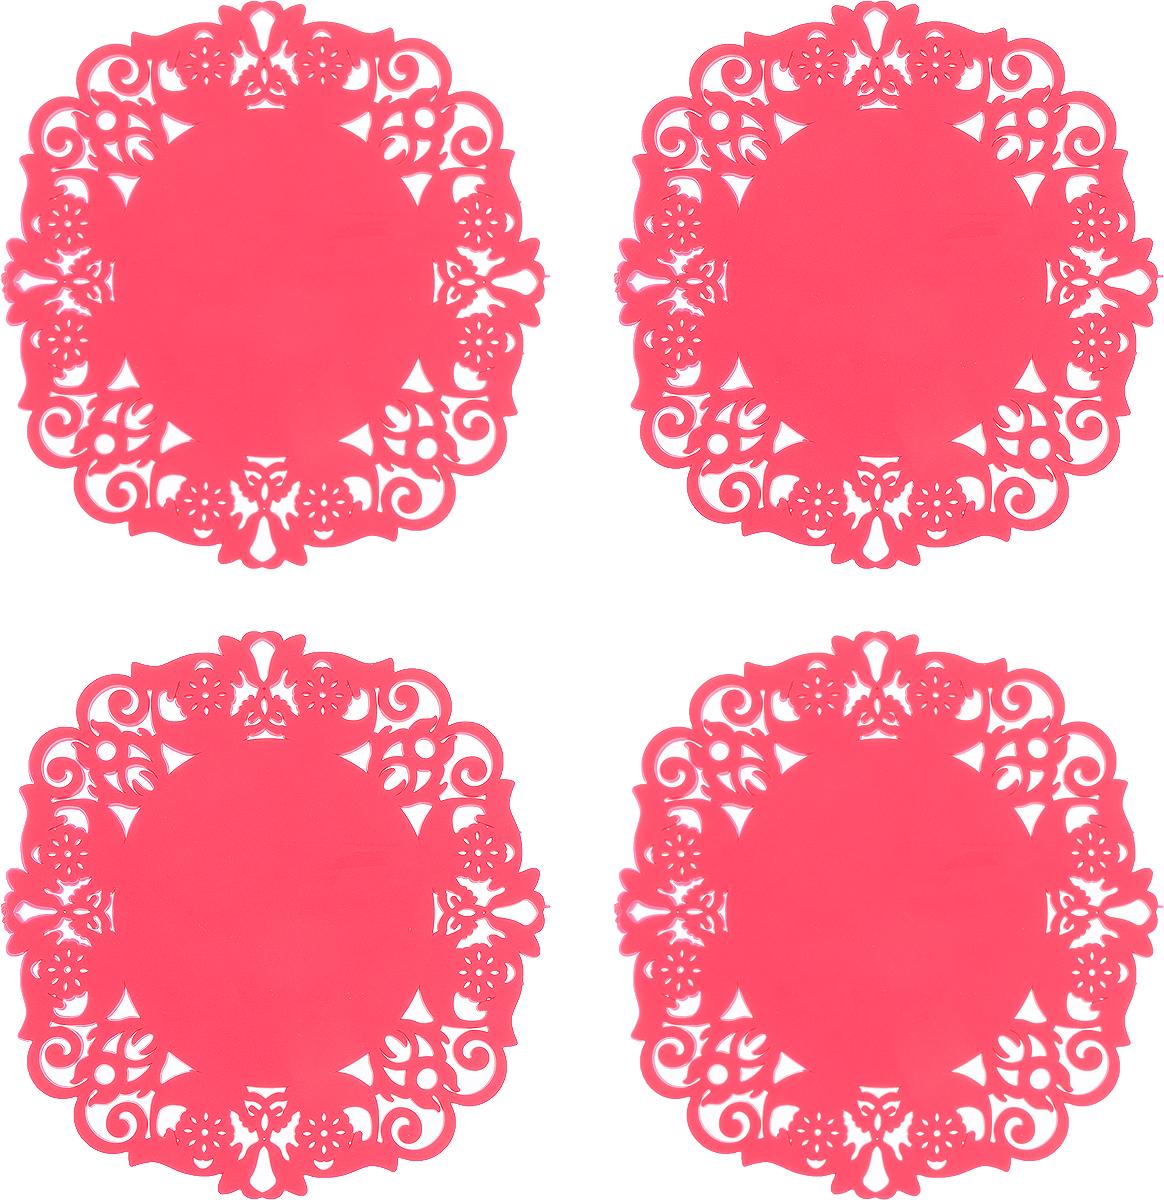 Набор подставок под горячее Доляна Чаепитие, цвет: малиновый, диаметр 10 см, 4 шт812066_малиновыйНабор Доляна Чаепитие состоит из 4 силиконовых подставок под горячее. Силиконовая подставка под горячее - практичный предмет, который обязательно пригодится в хозяйстве. Изделие поможет сберечь столы, тумбы, скатерти и клеёнки от повреждения нагретыми кружками с горячим напитком, чайниками и тарелками.